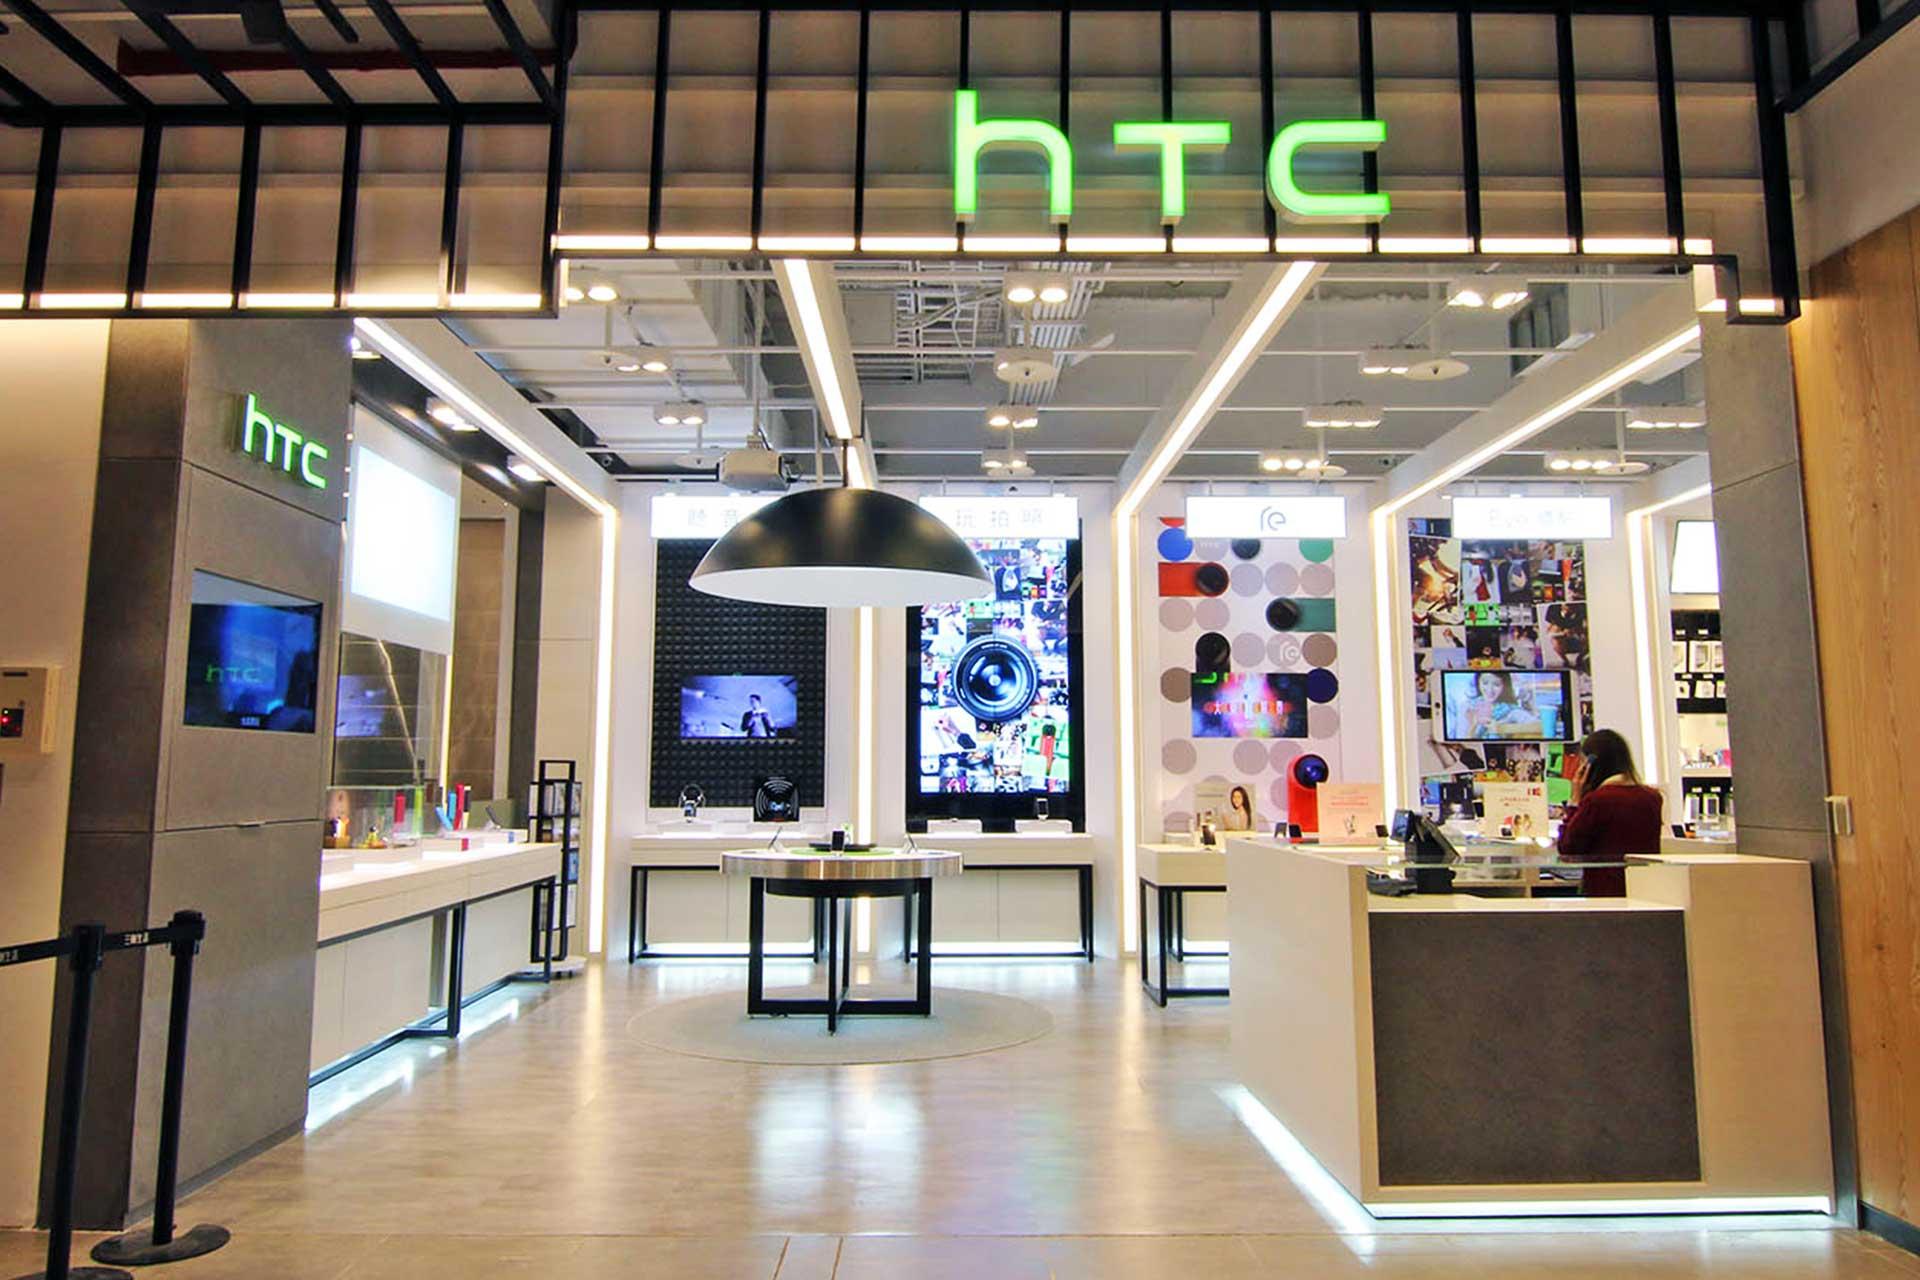 如何打造完美 店面設計 - 歐立利店面設計, 商業空間設計店面設計 為旗艦店、專賣店、維修中心、體驗區等多元店型設計商業空間